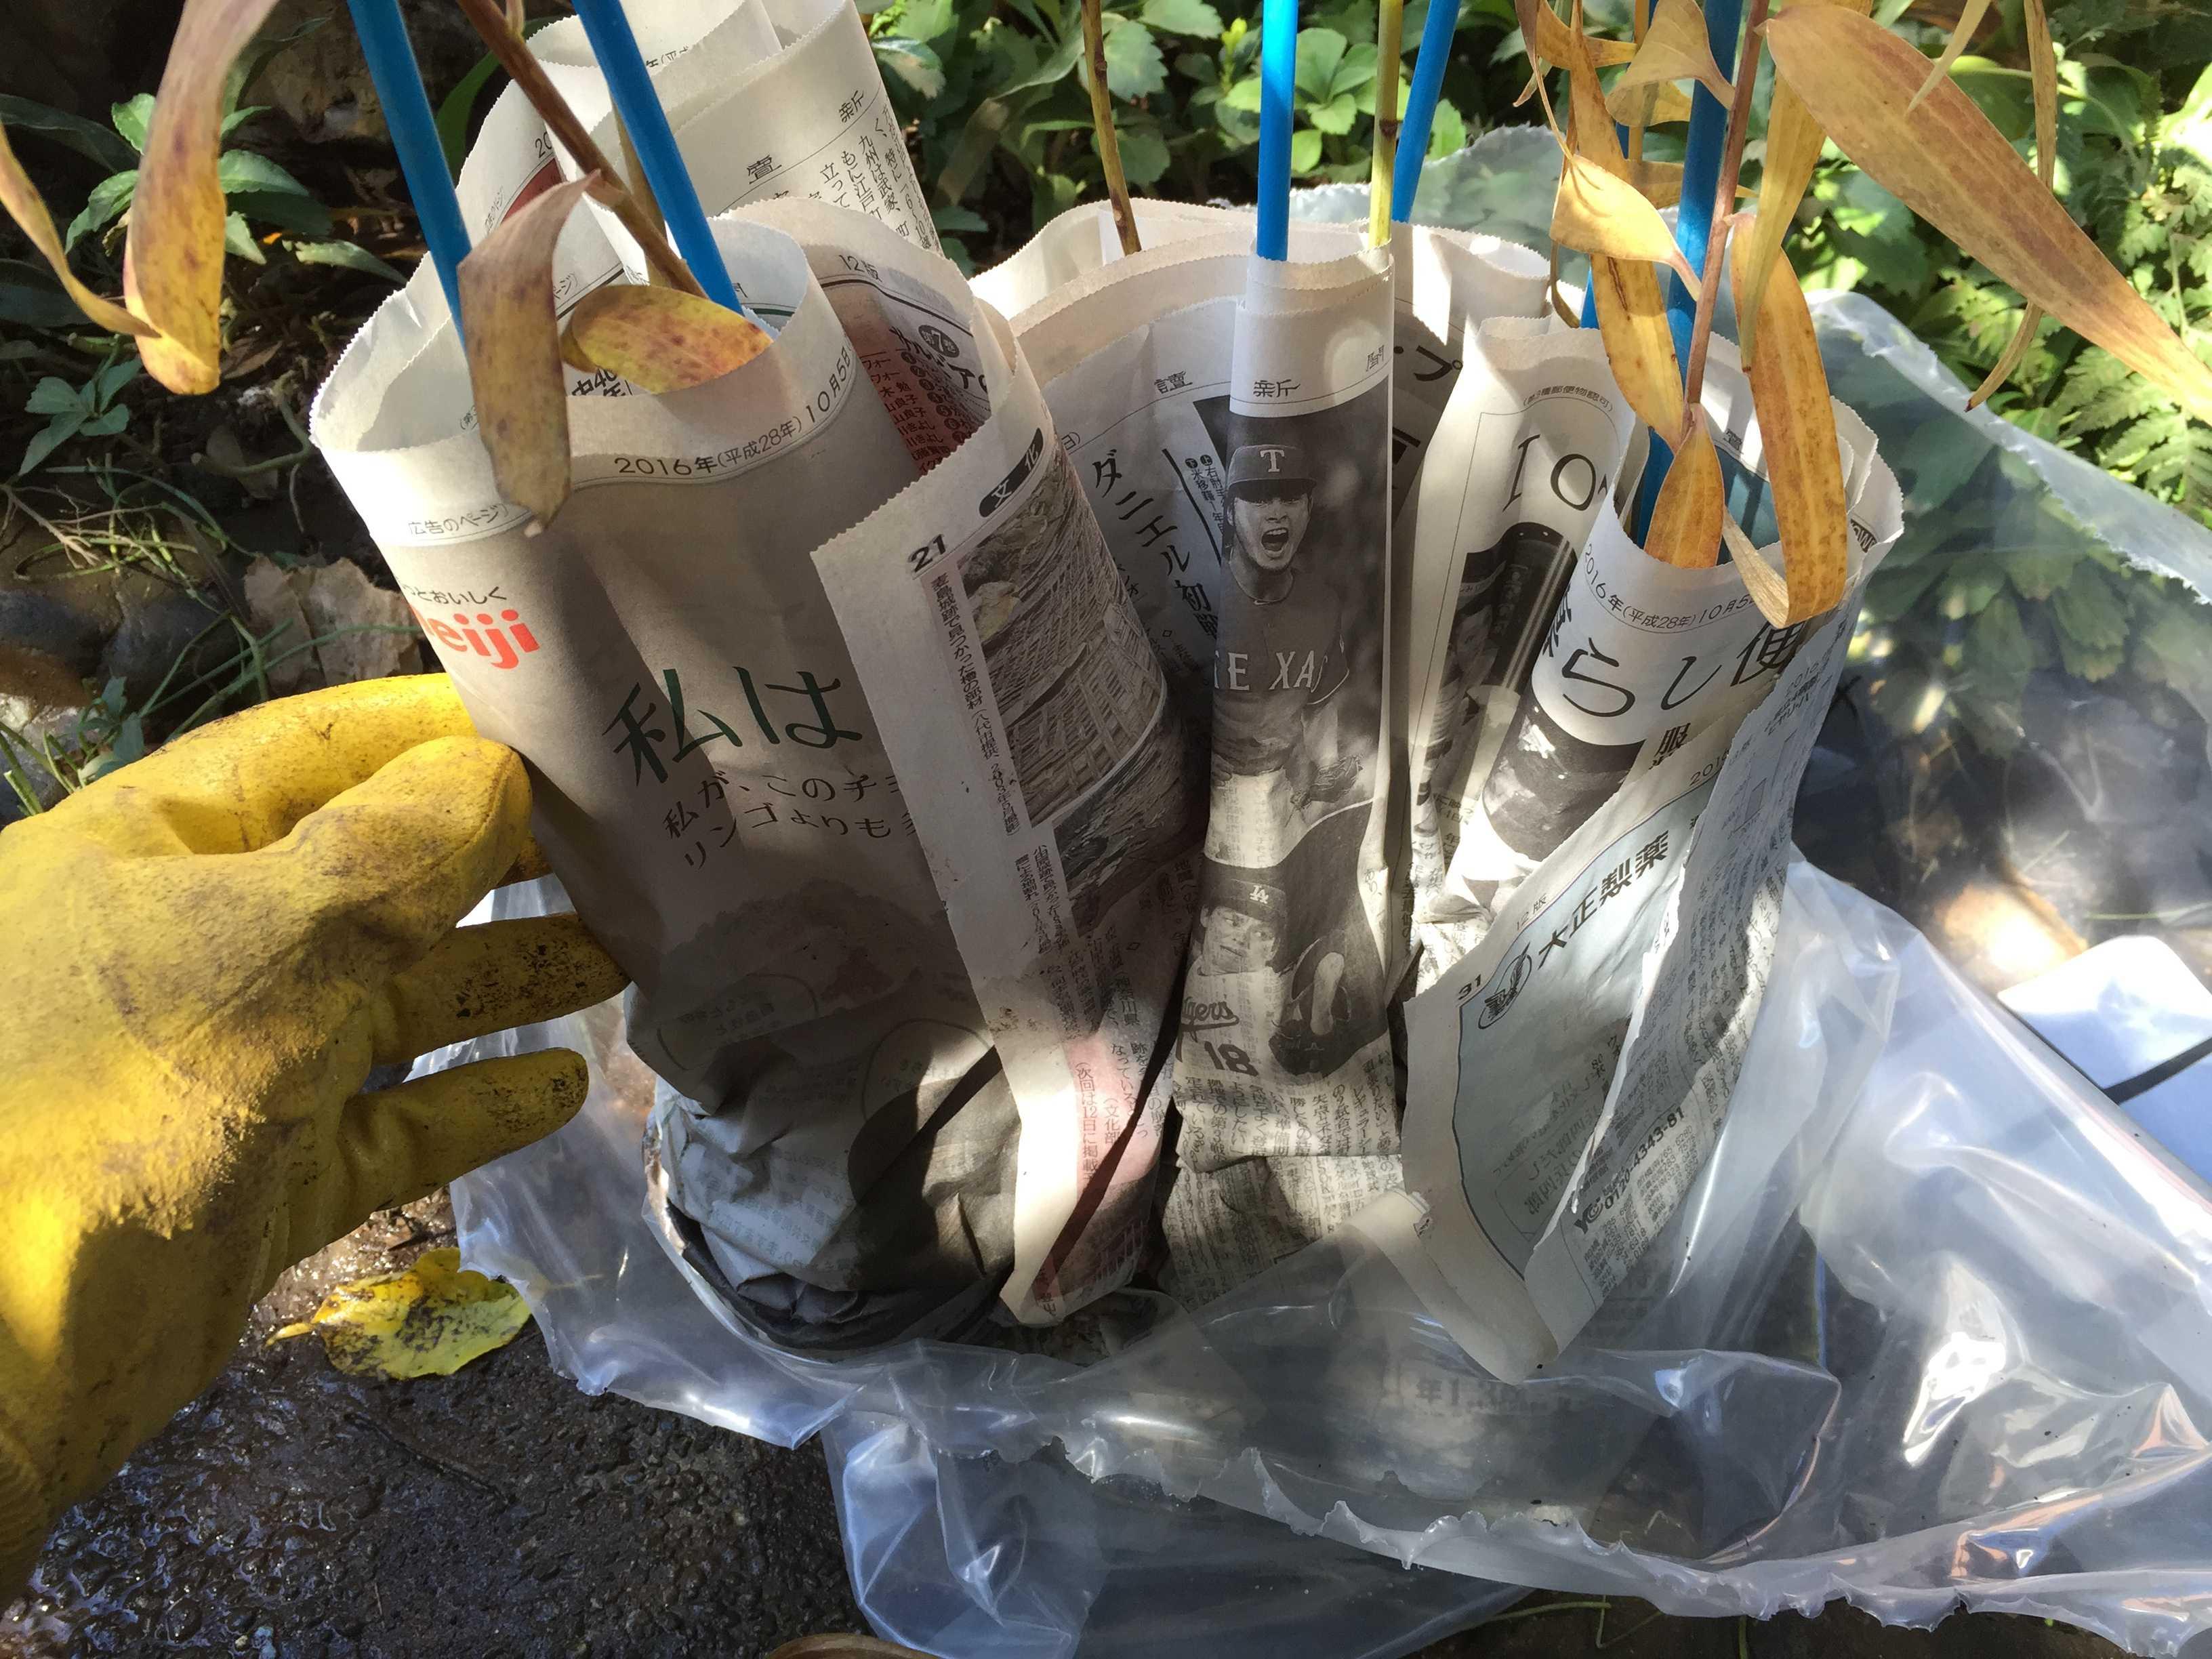 ヤマユリ庭植え - ポット苗を包んだ新聞紙